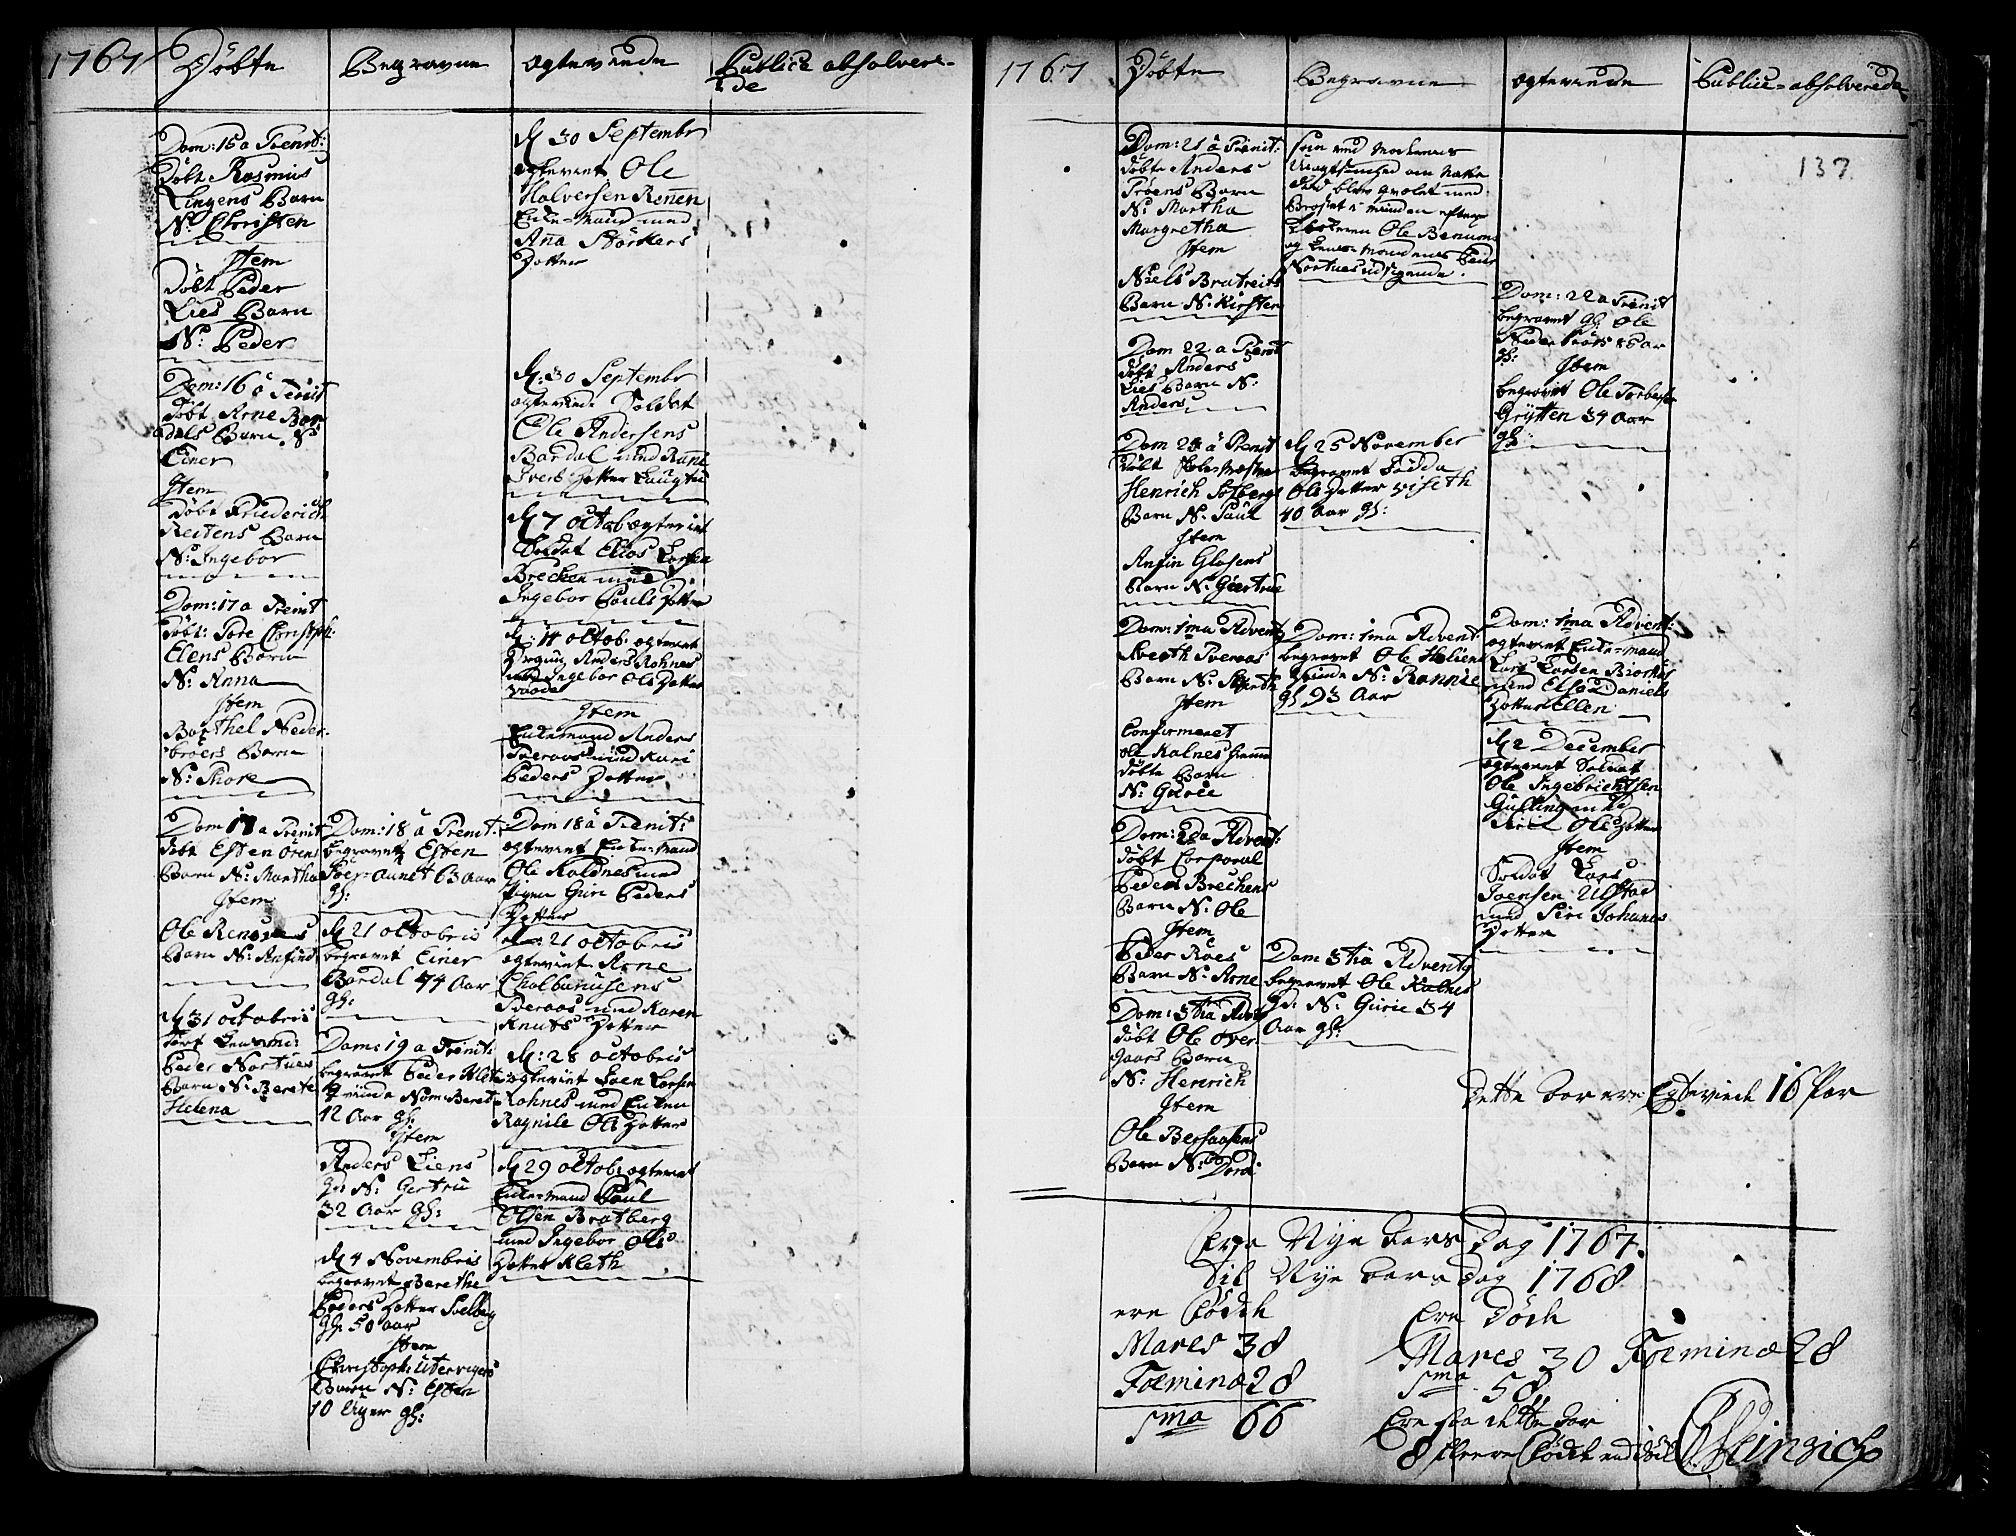 SAT, Ministerialprotokoller, klokkerbøker og fødselsregistre - Nord-Trøndelag, 741/L0385: Ministerialbok nr. 741A01, 1722-1815, s. 137